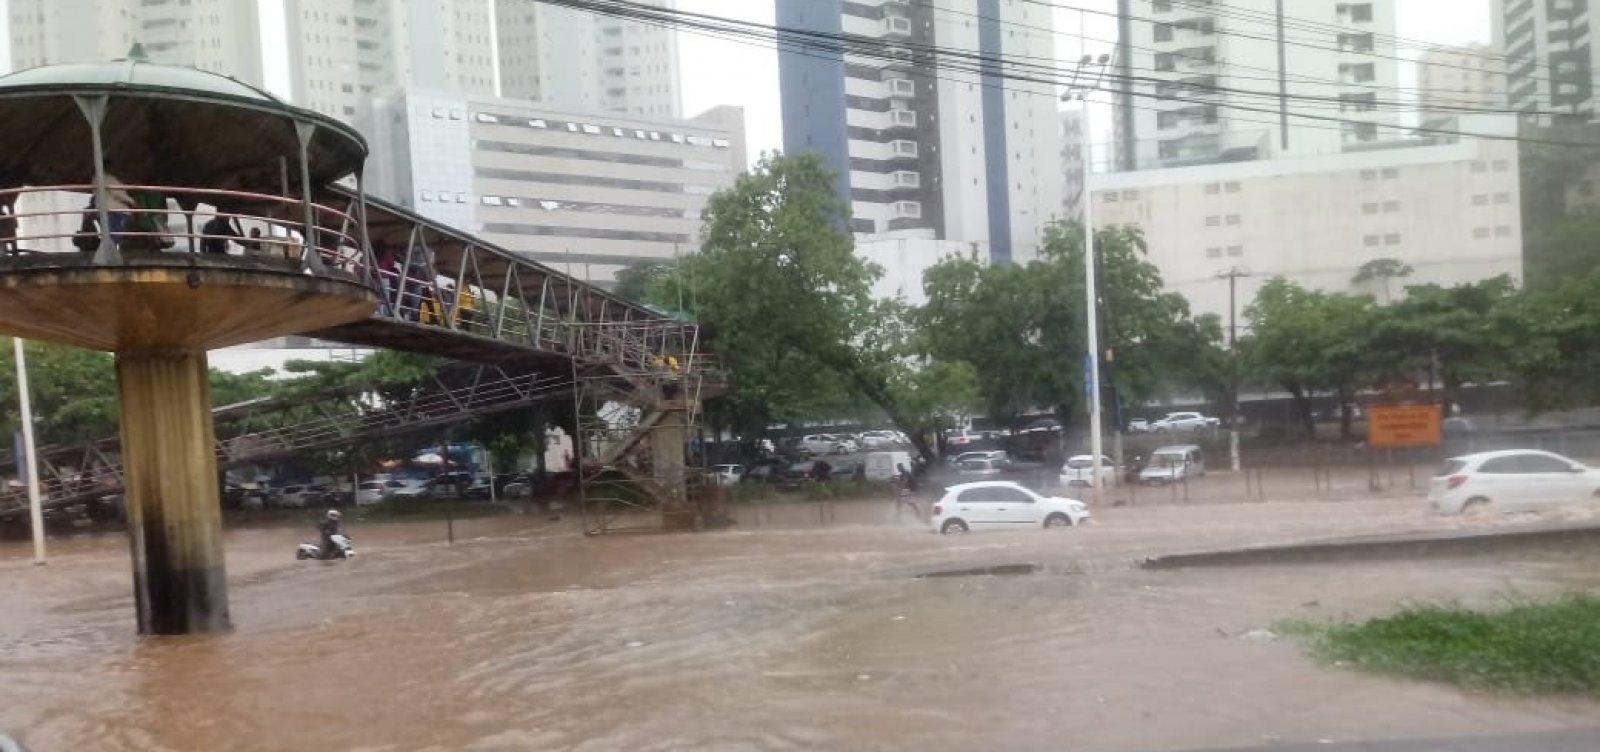 Alagamento na ACM: 'Essa cena vai acontecer pela última vez', promete prefeito de Salvador